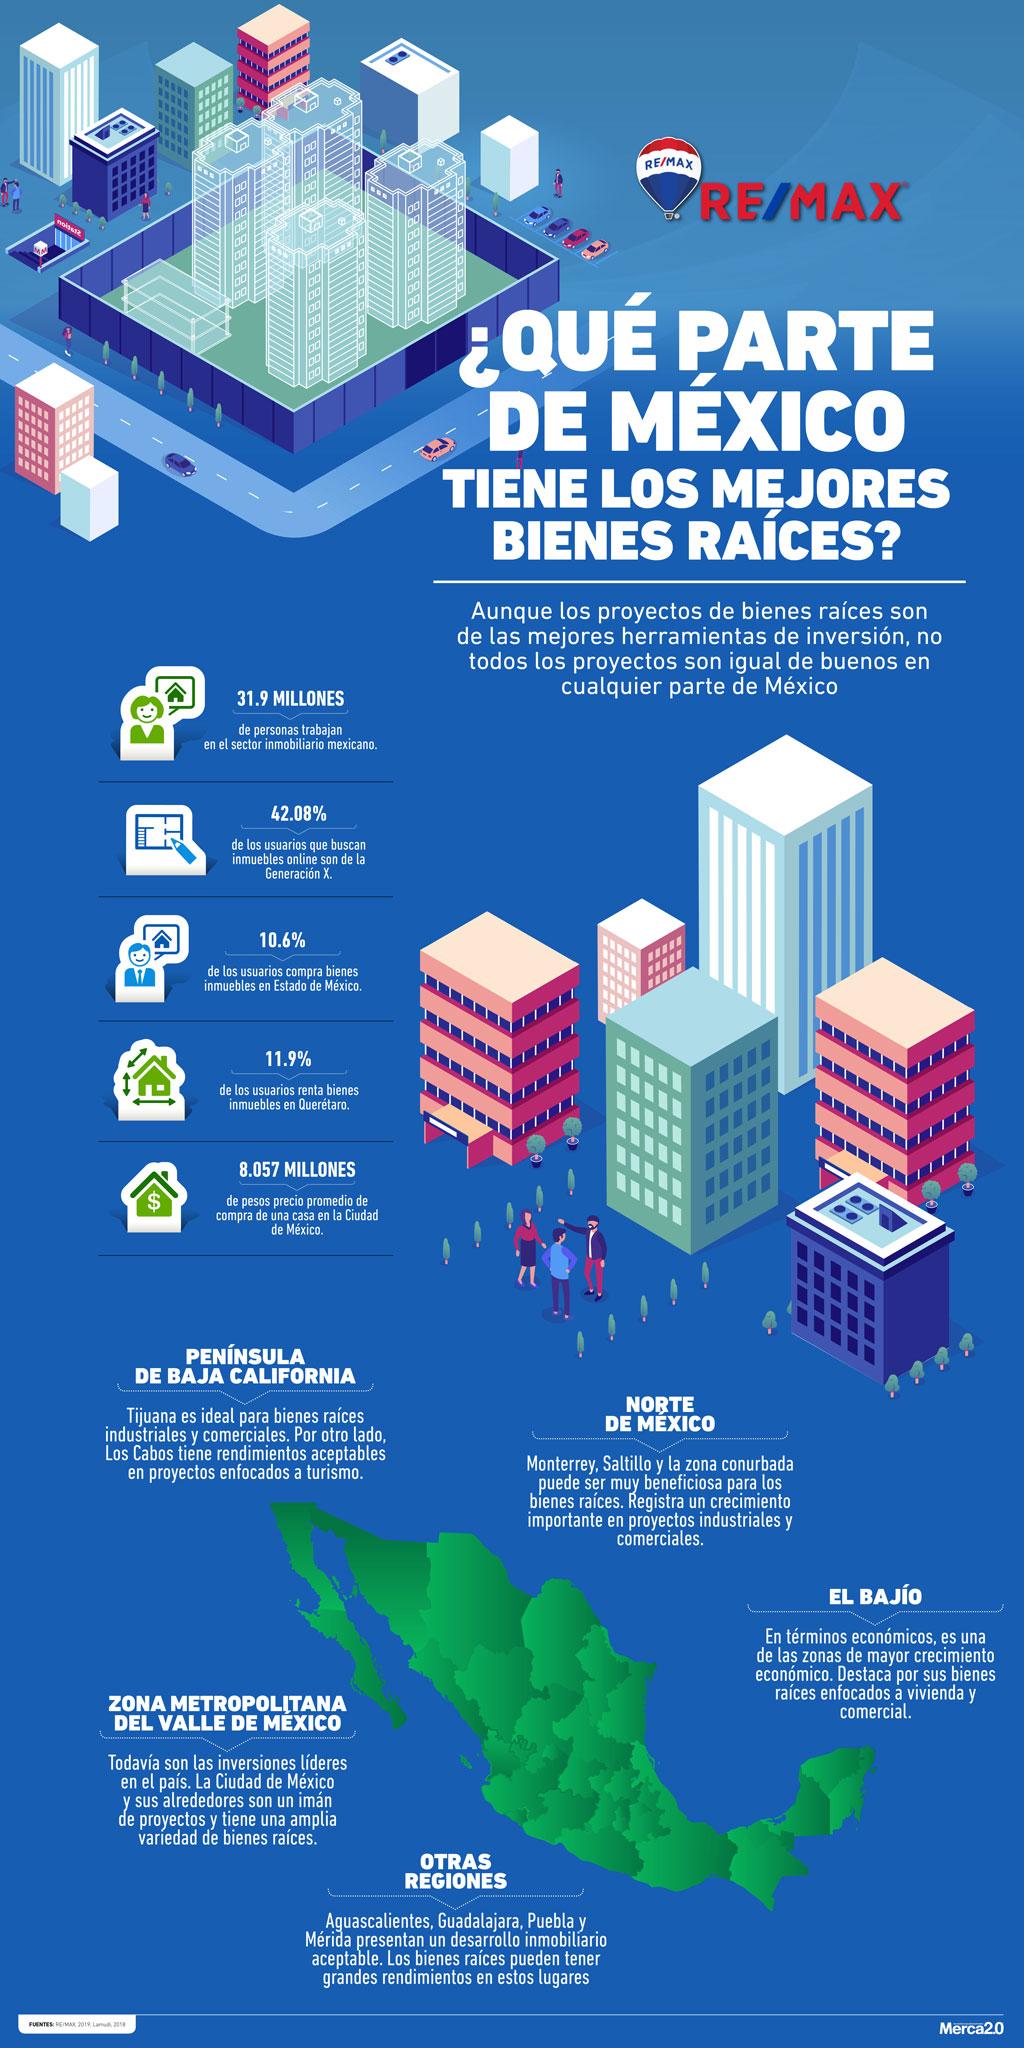 Como uno de los países más ricos y una de las economías emergentes más prometedoras del mundo, los bienes raíces dentro de México son un entorno fértil.